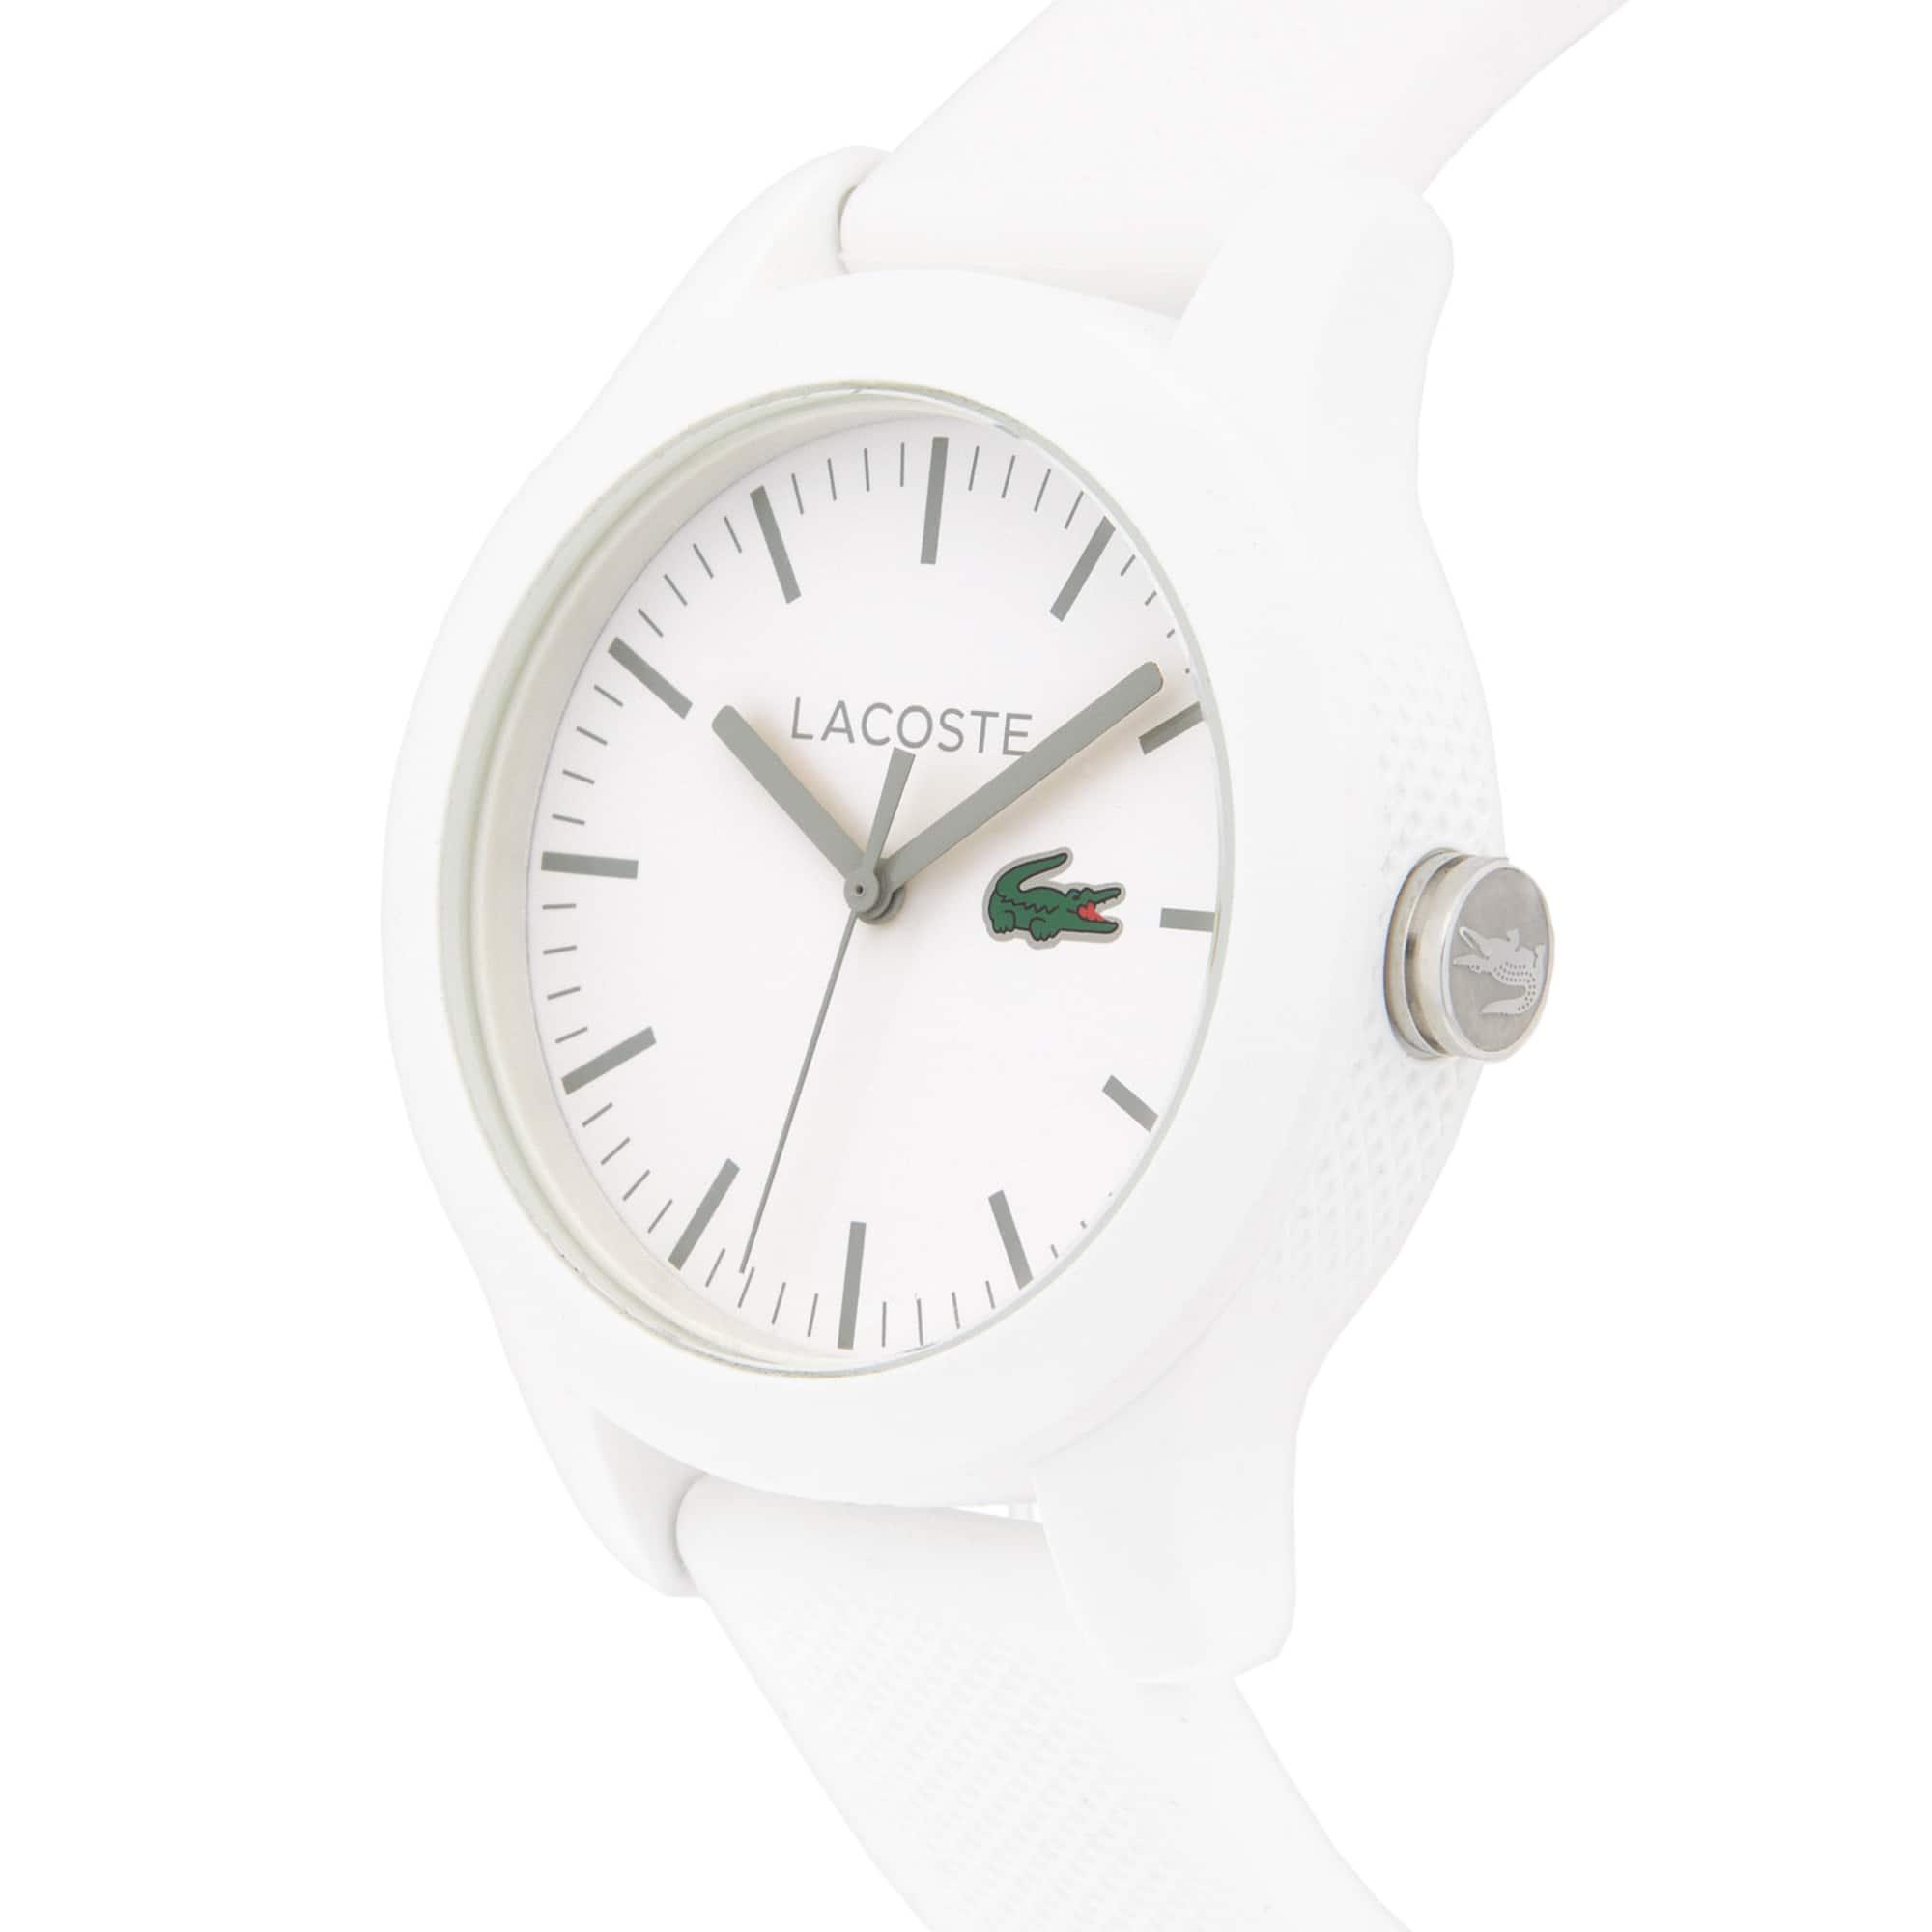 Relógio Lacoste 12.12 Homem com Bracelete em Silicone Branco